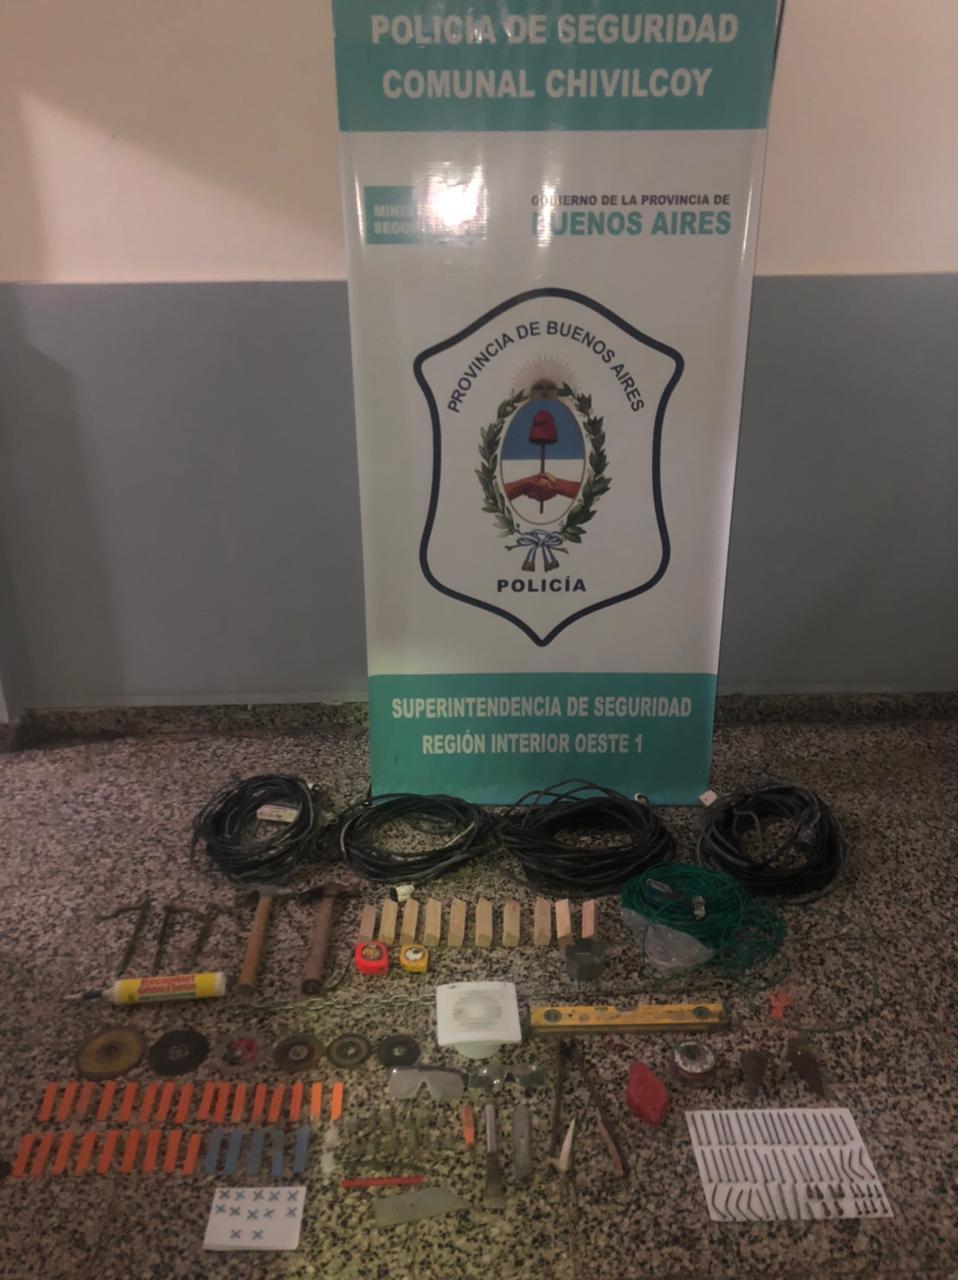 [Policía Comunal] Detenido con varios antecedentes por tentativa de robo en una obra en construcción